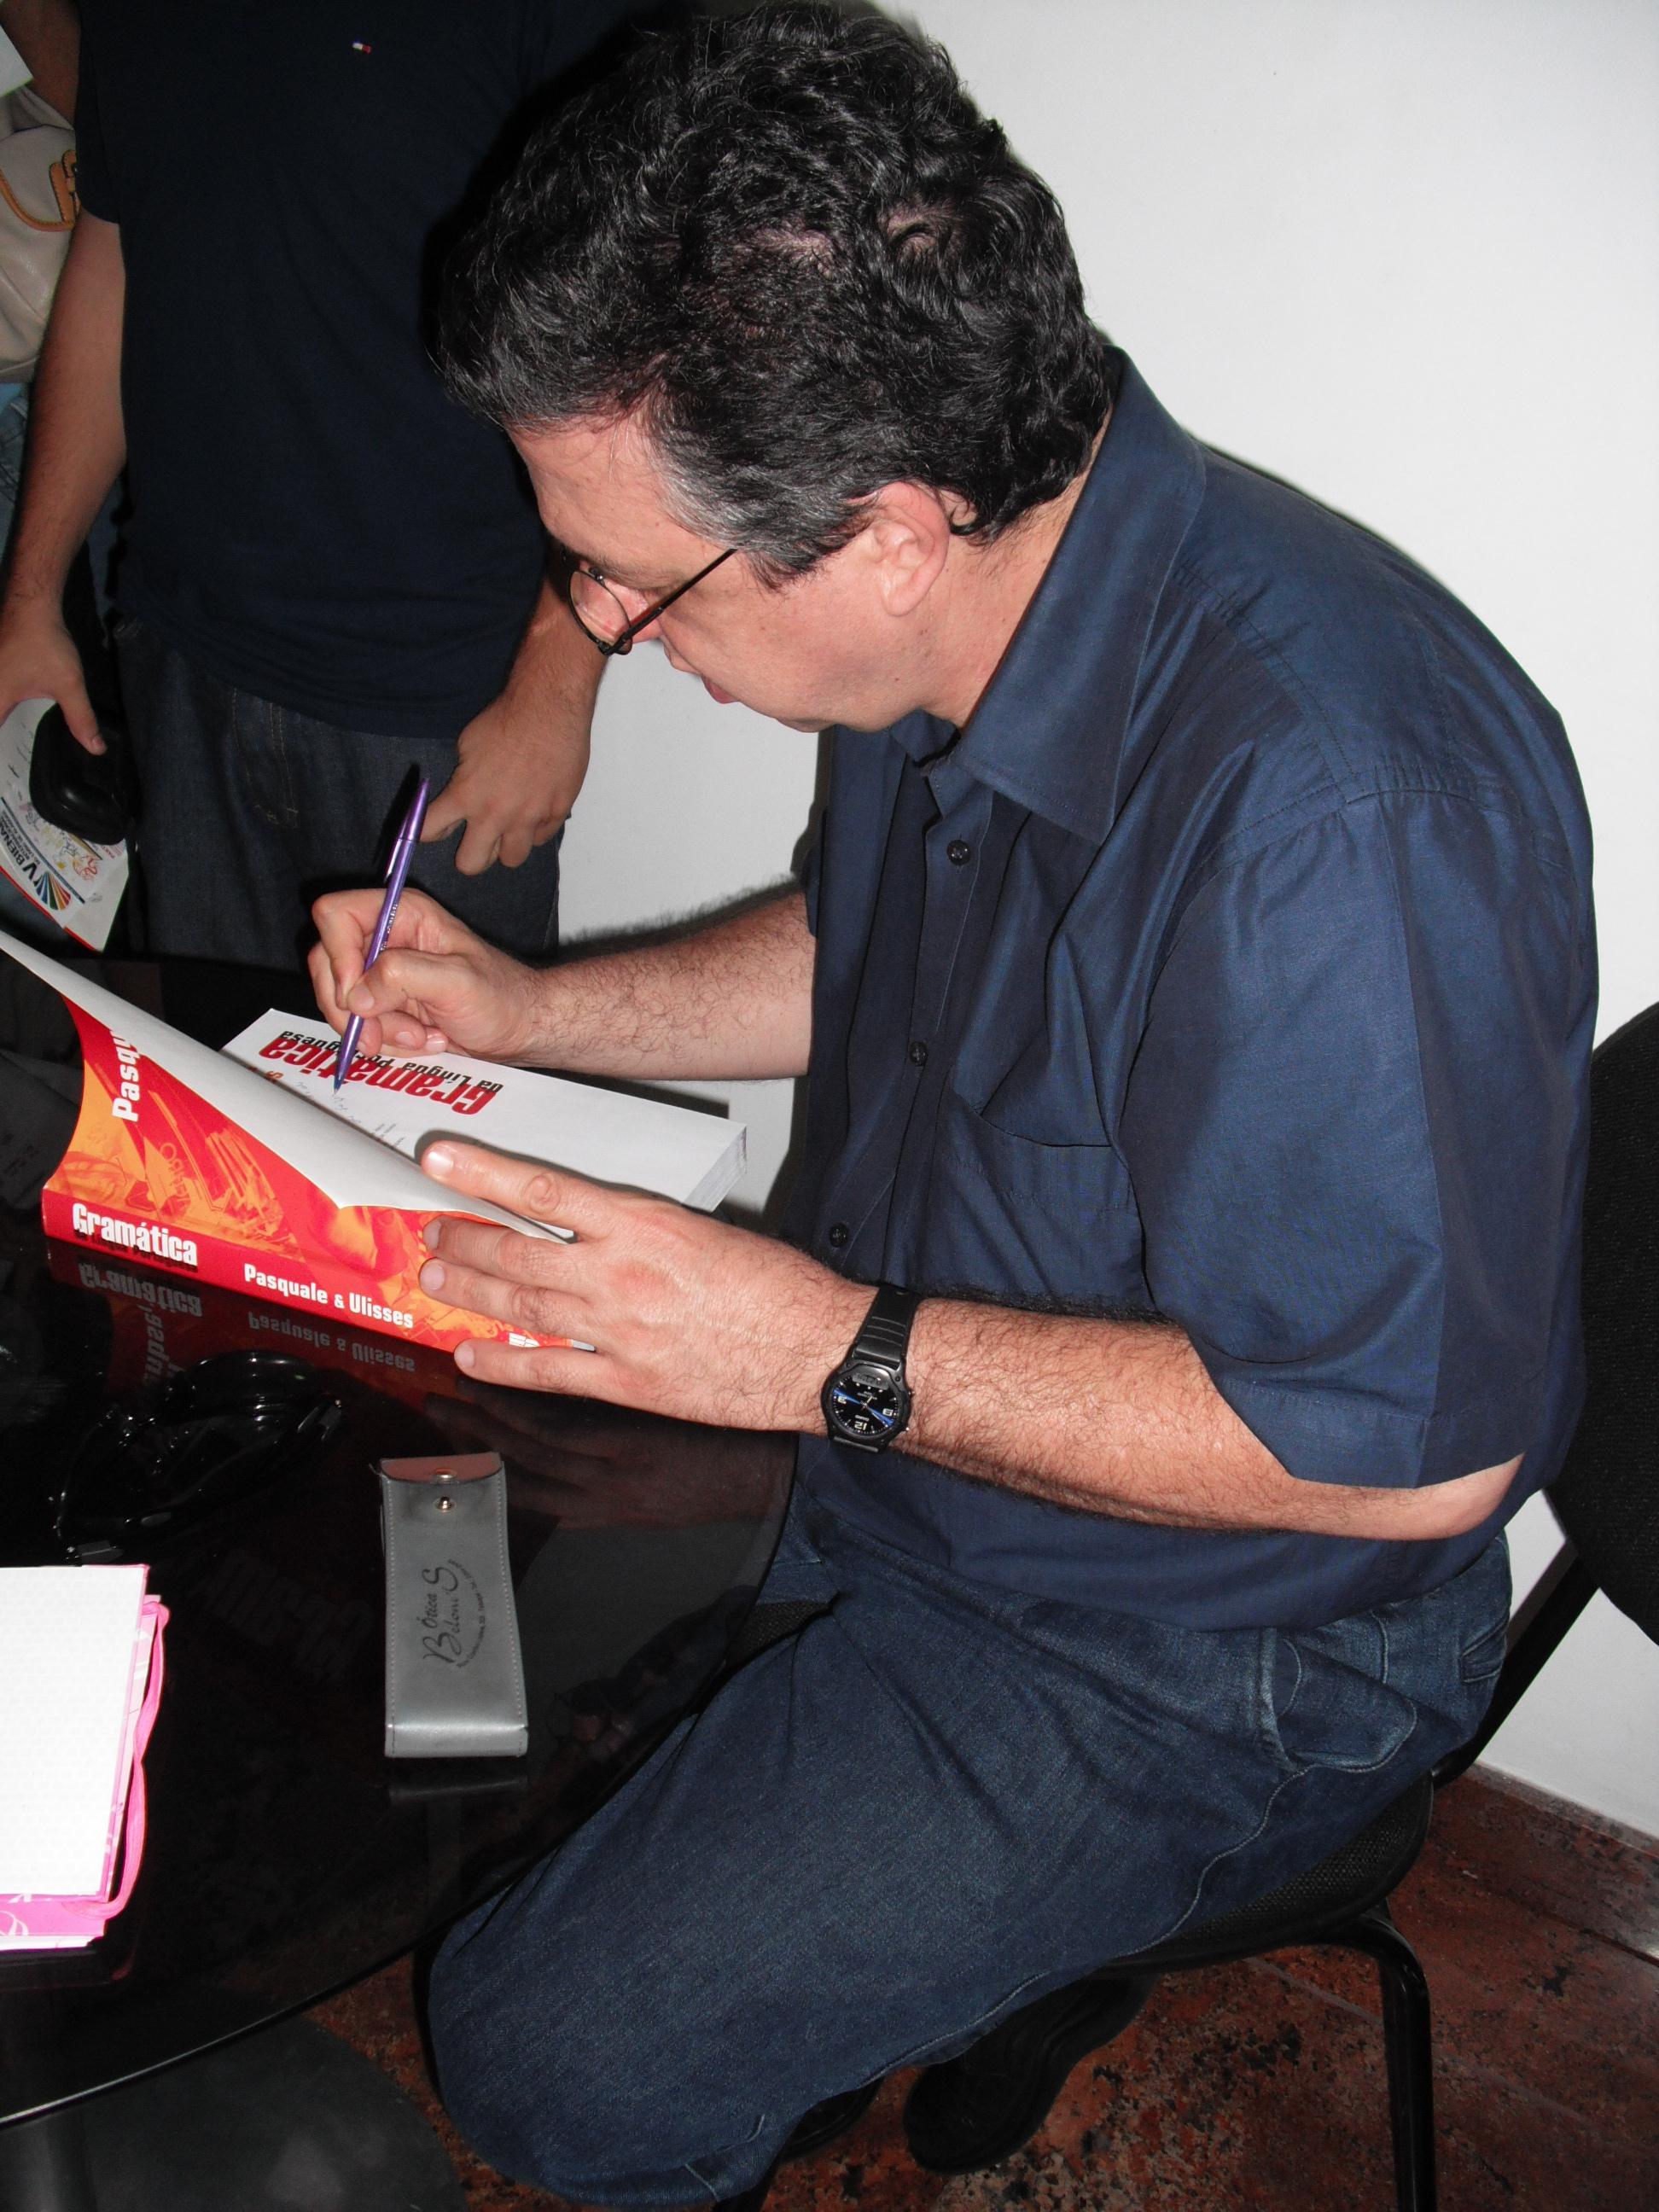 Dscf Pasquale Cipro Neto Livros